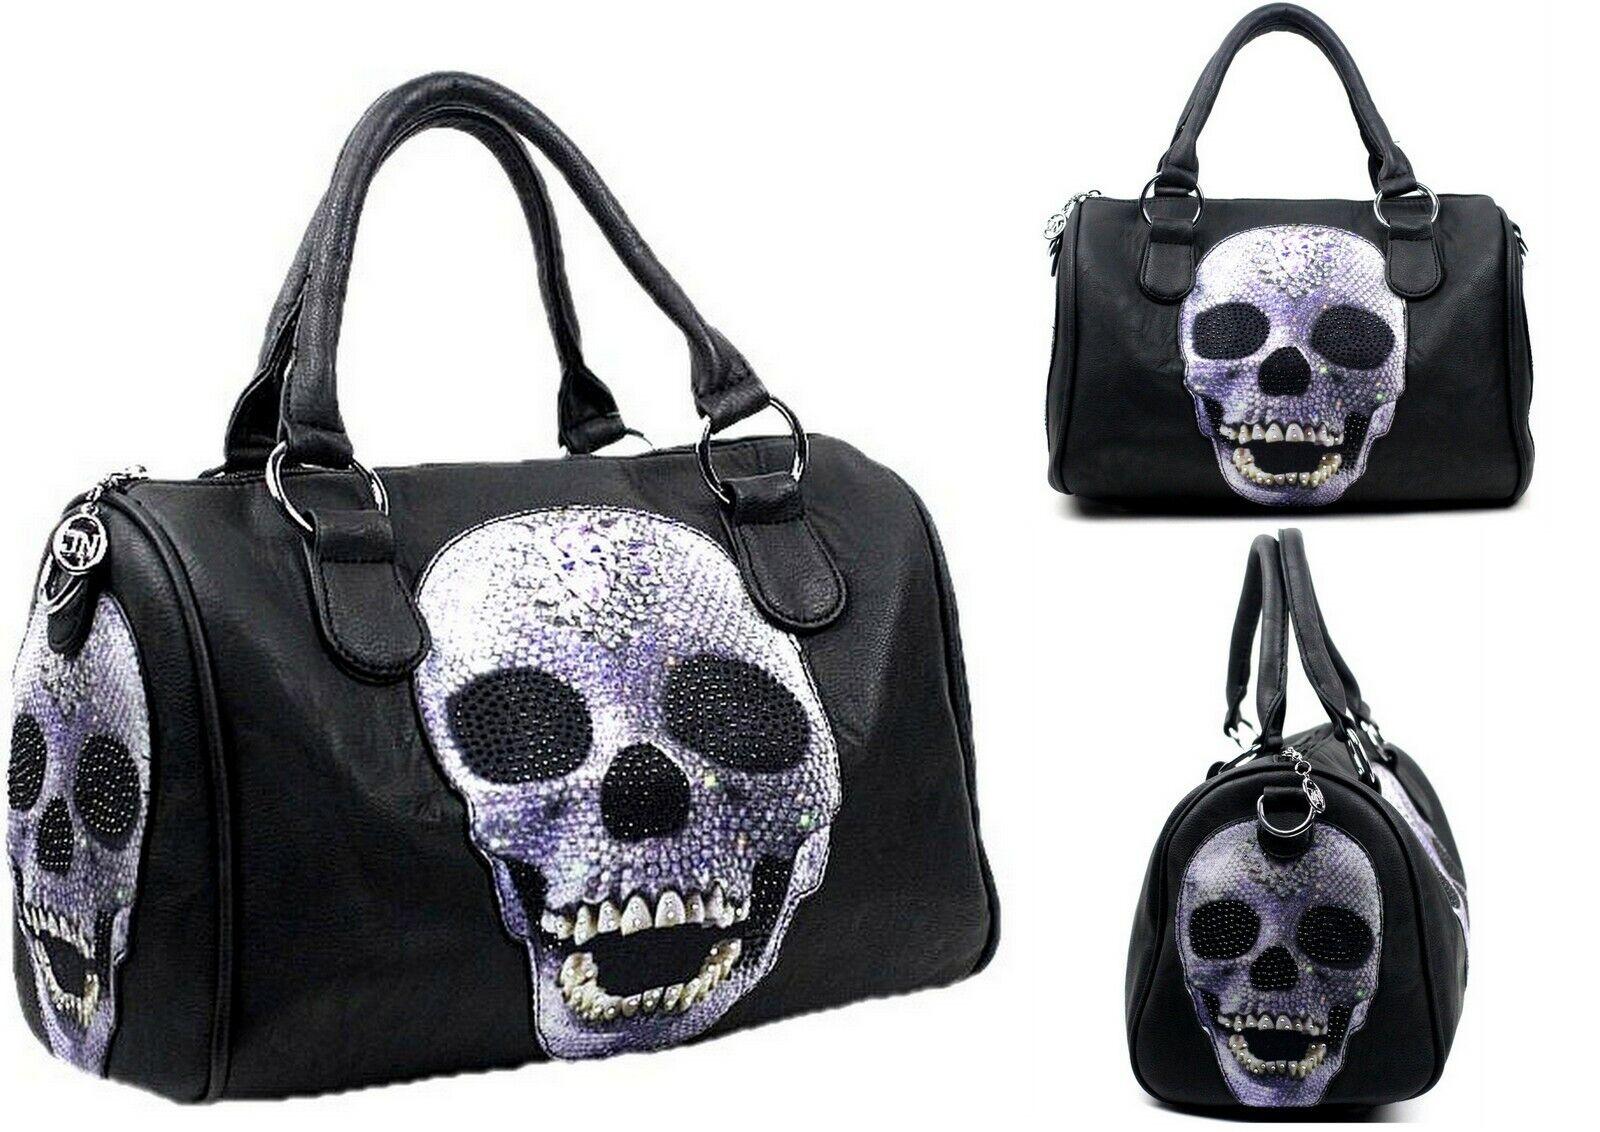 Damen Handtasche Totenkopf Bowling Bag Strass Optik Punk Damentasche Tasche